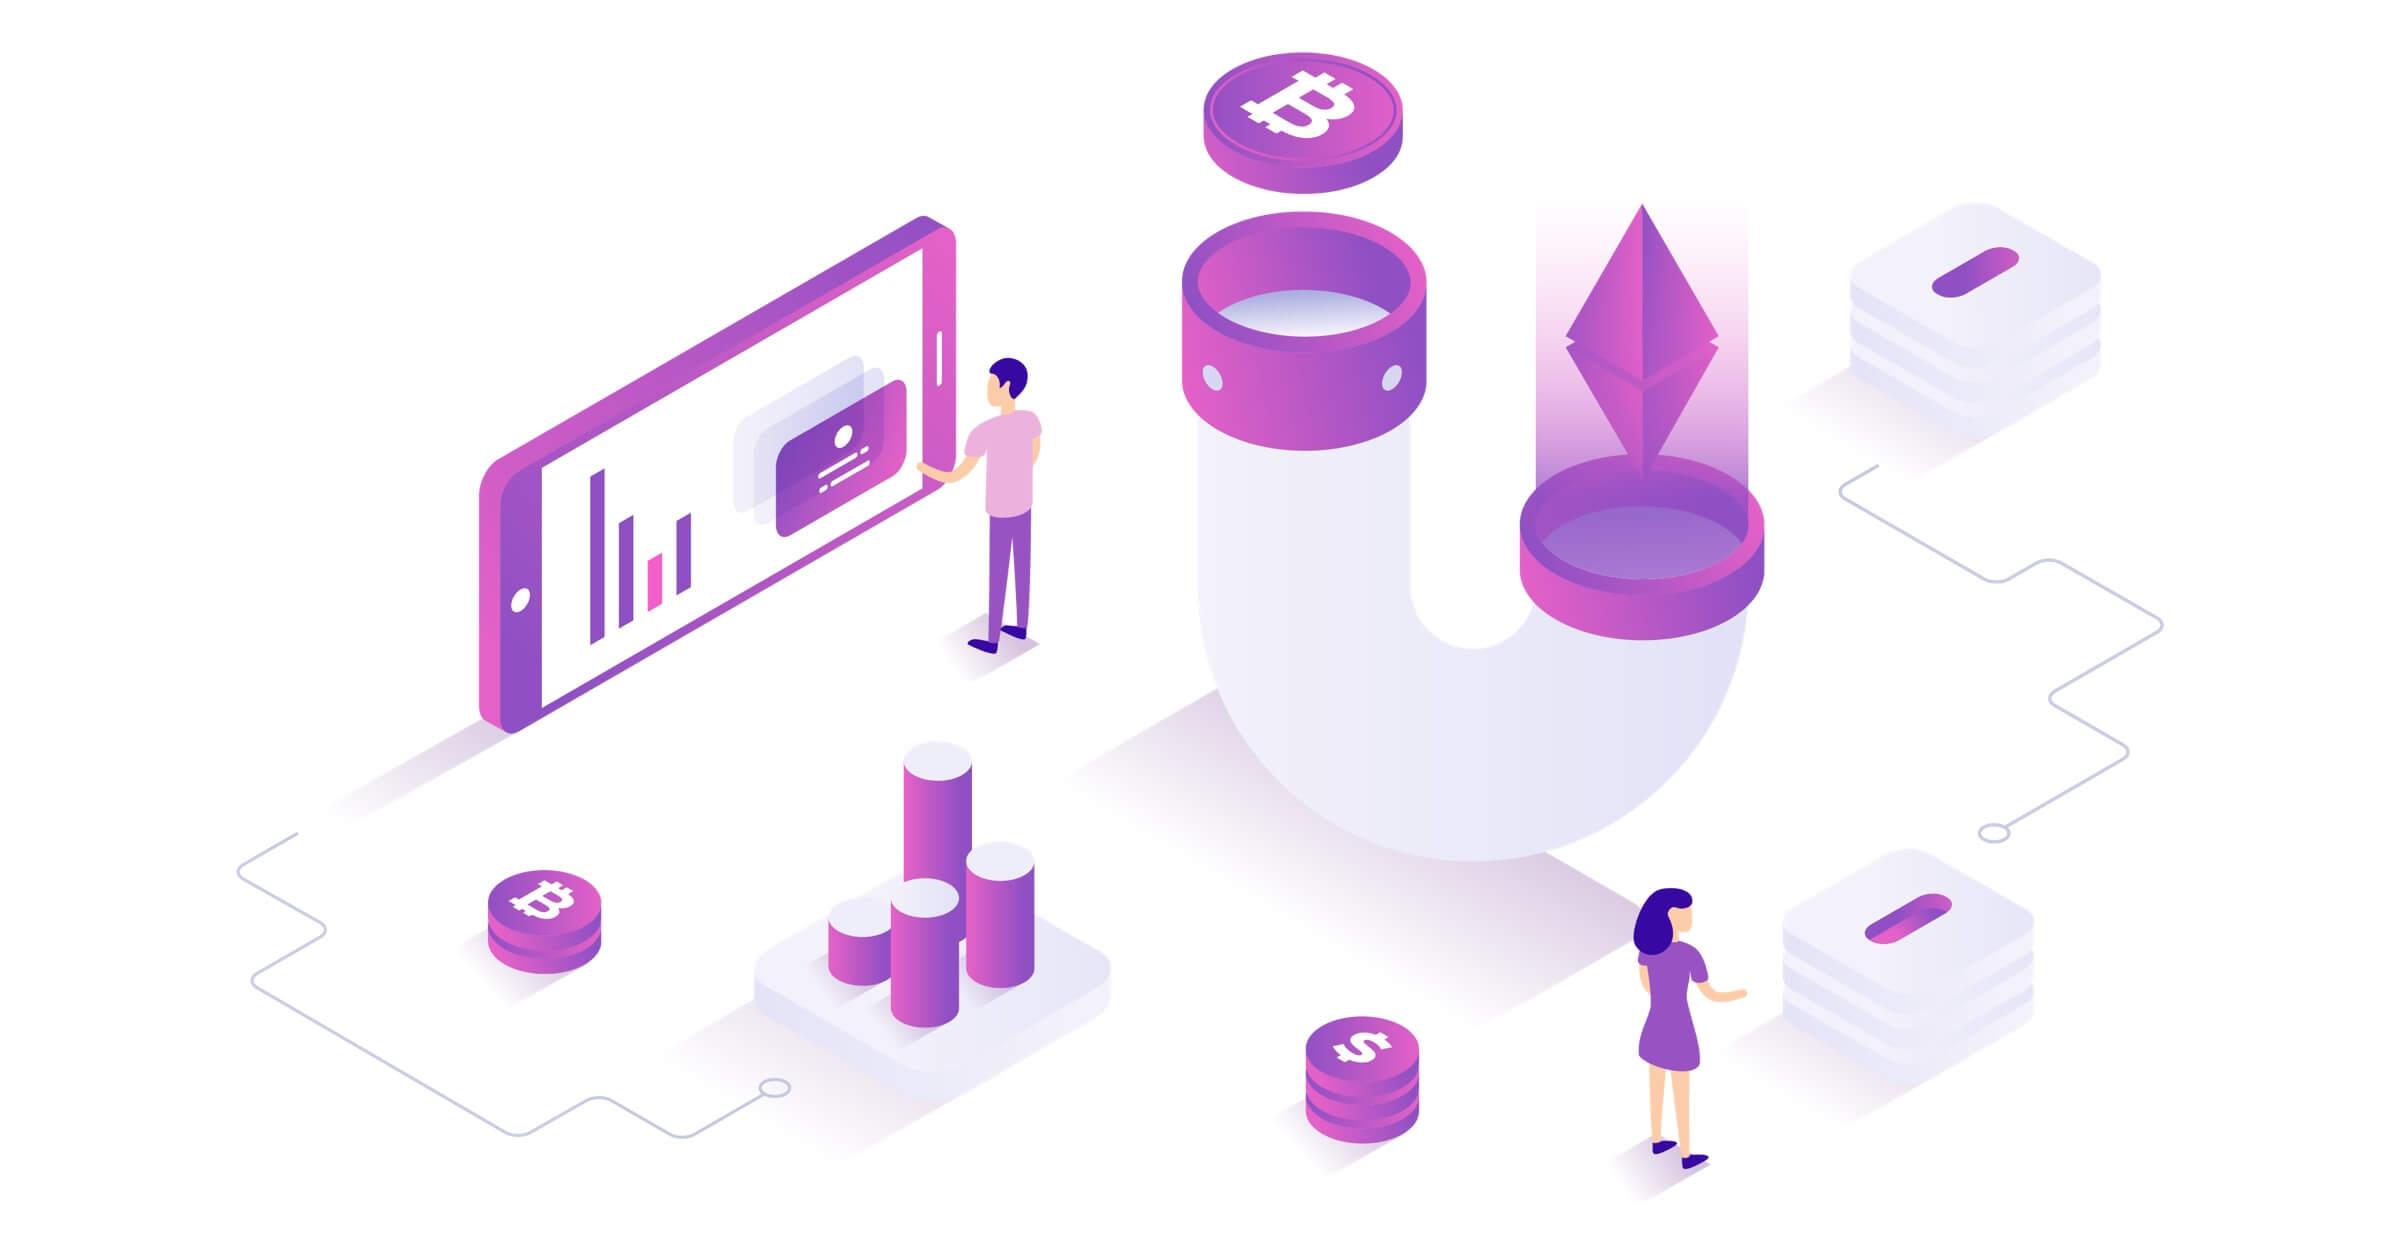 10 criptomoedas para investir em 2019 | Investtor